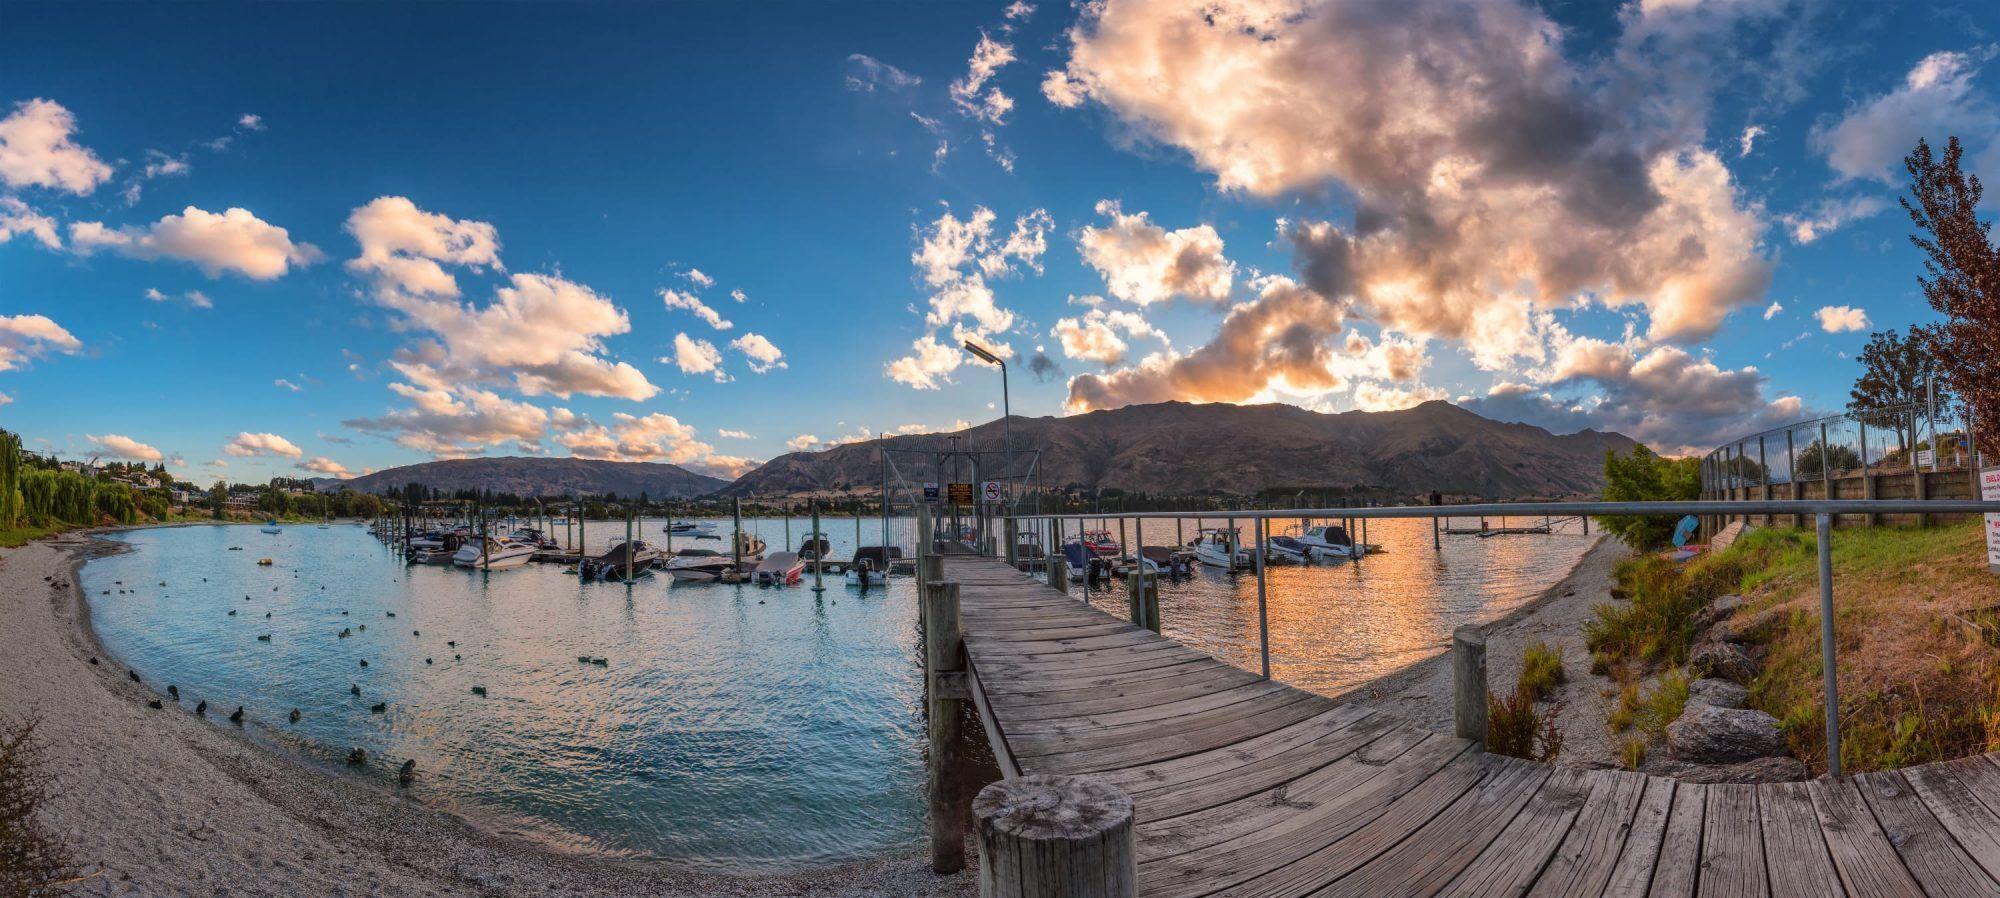 Wanaka New Zealand Lakeshore Springs Wanaka